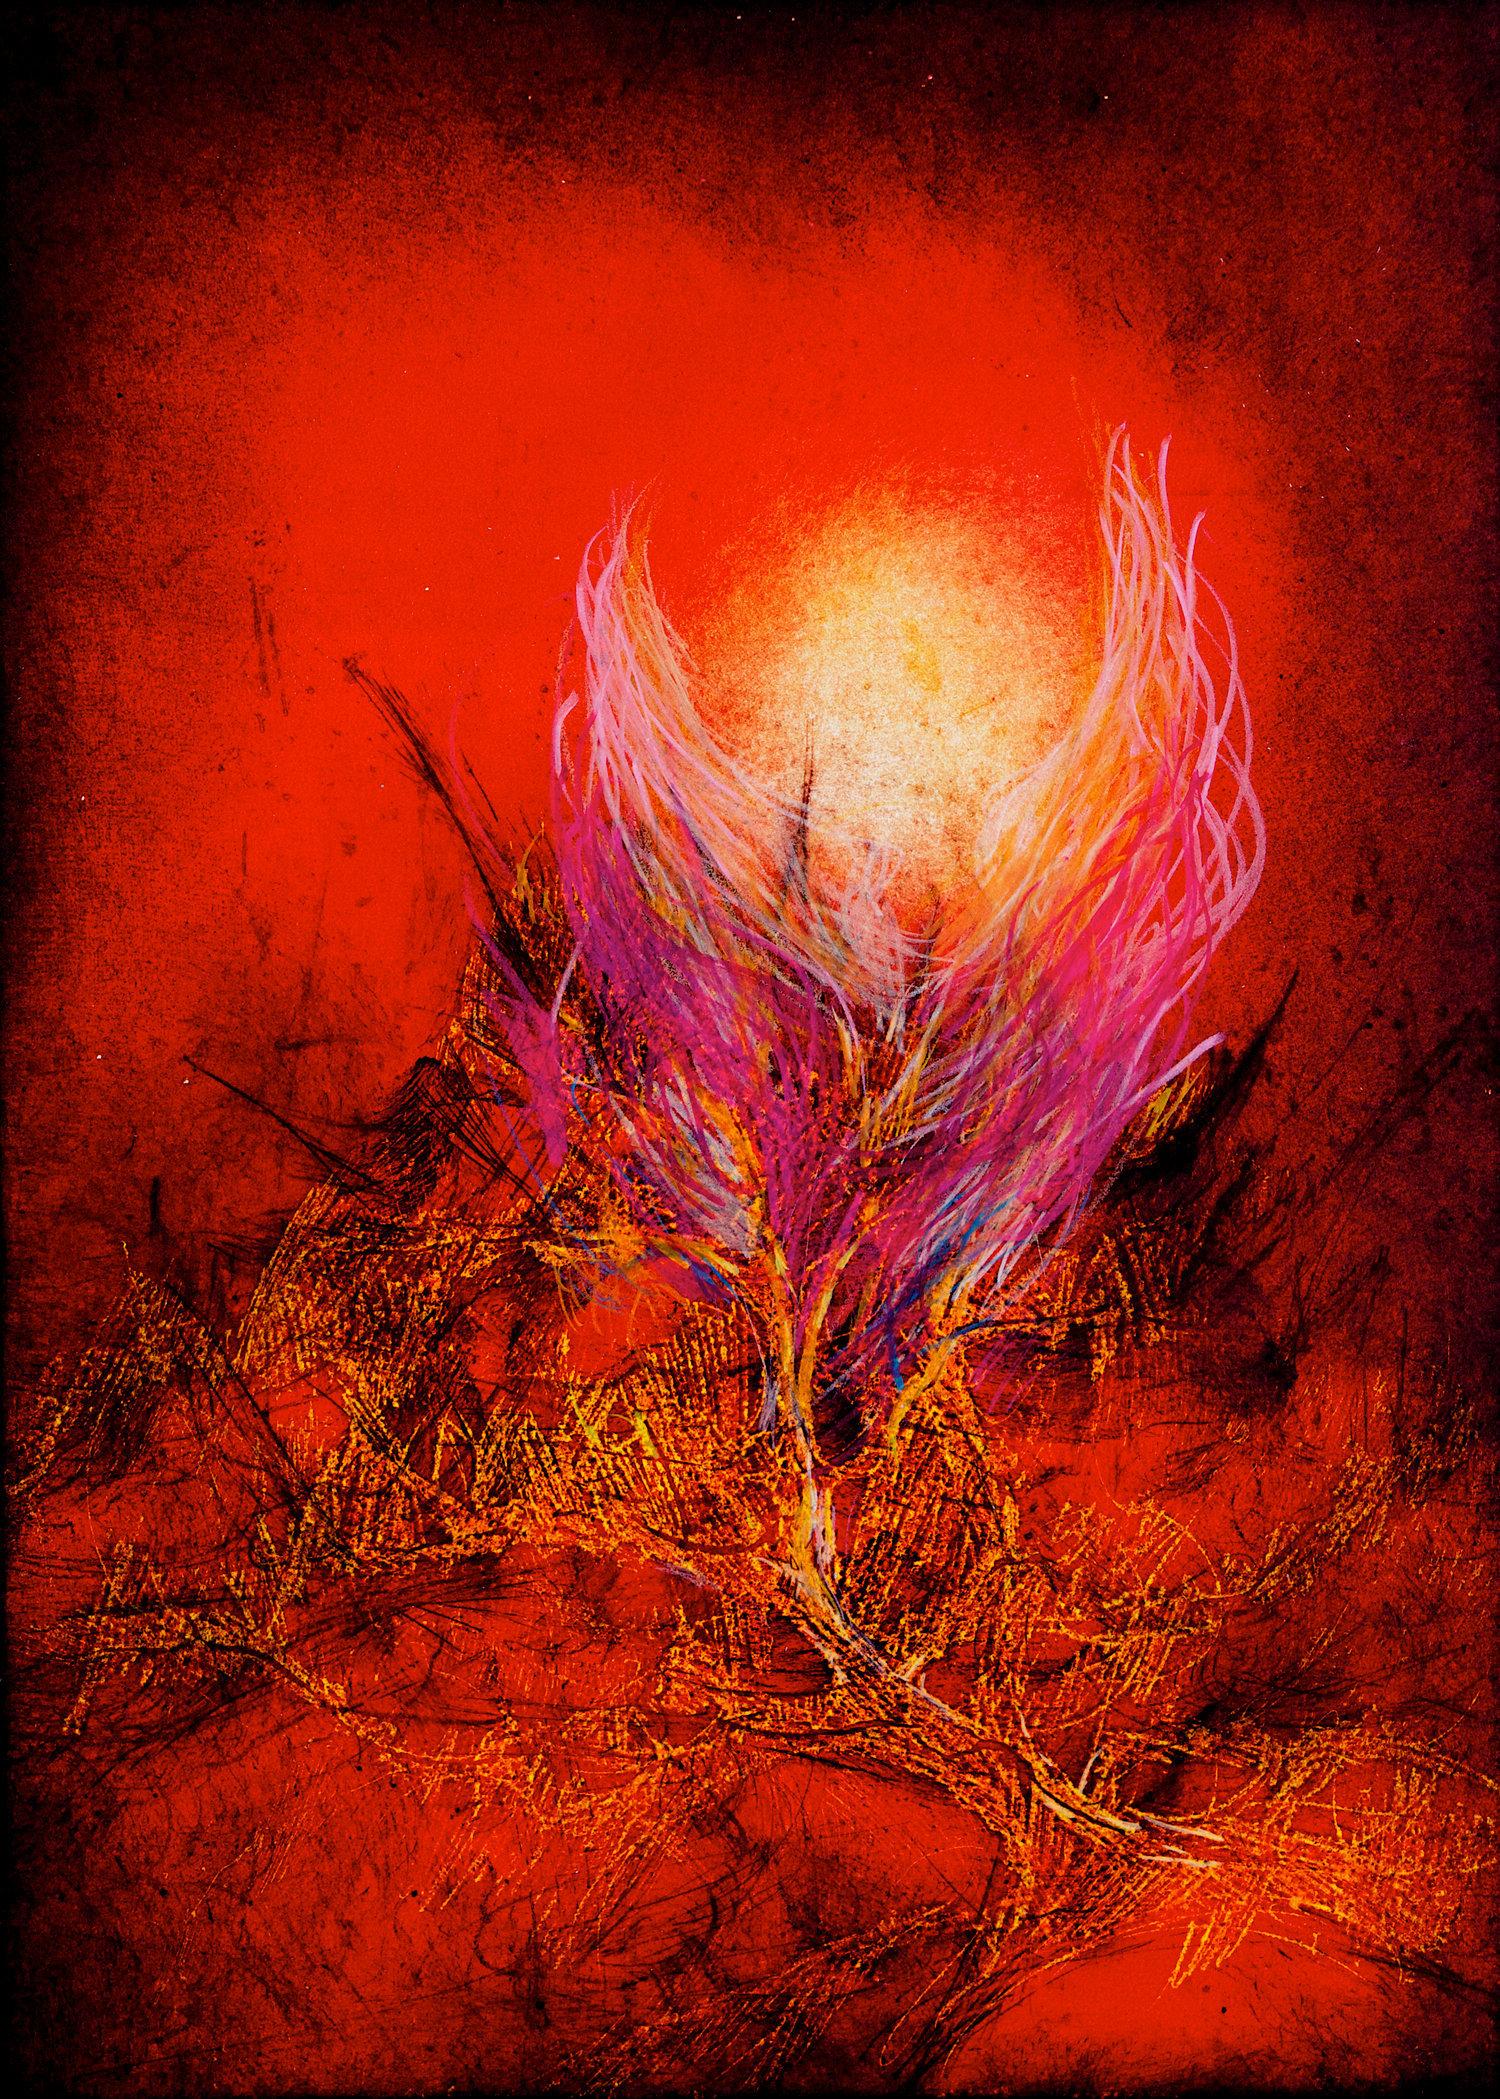 Der Engel des Herrn im brennenden Dornbusch